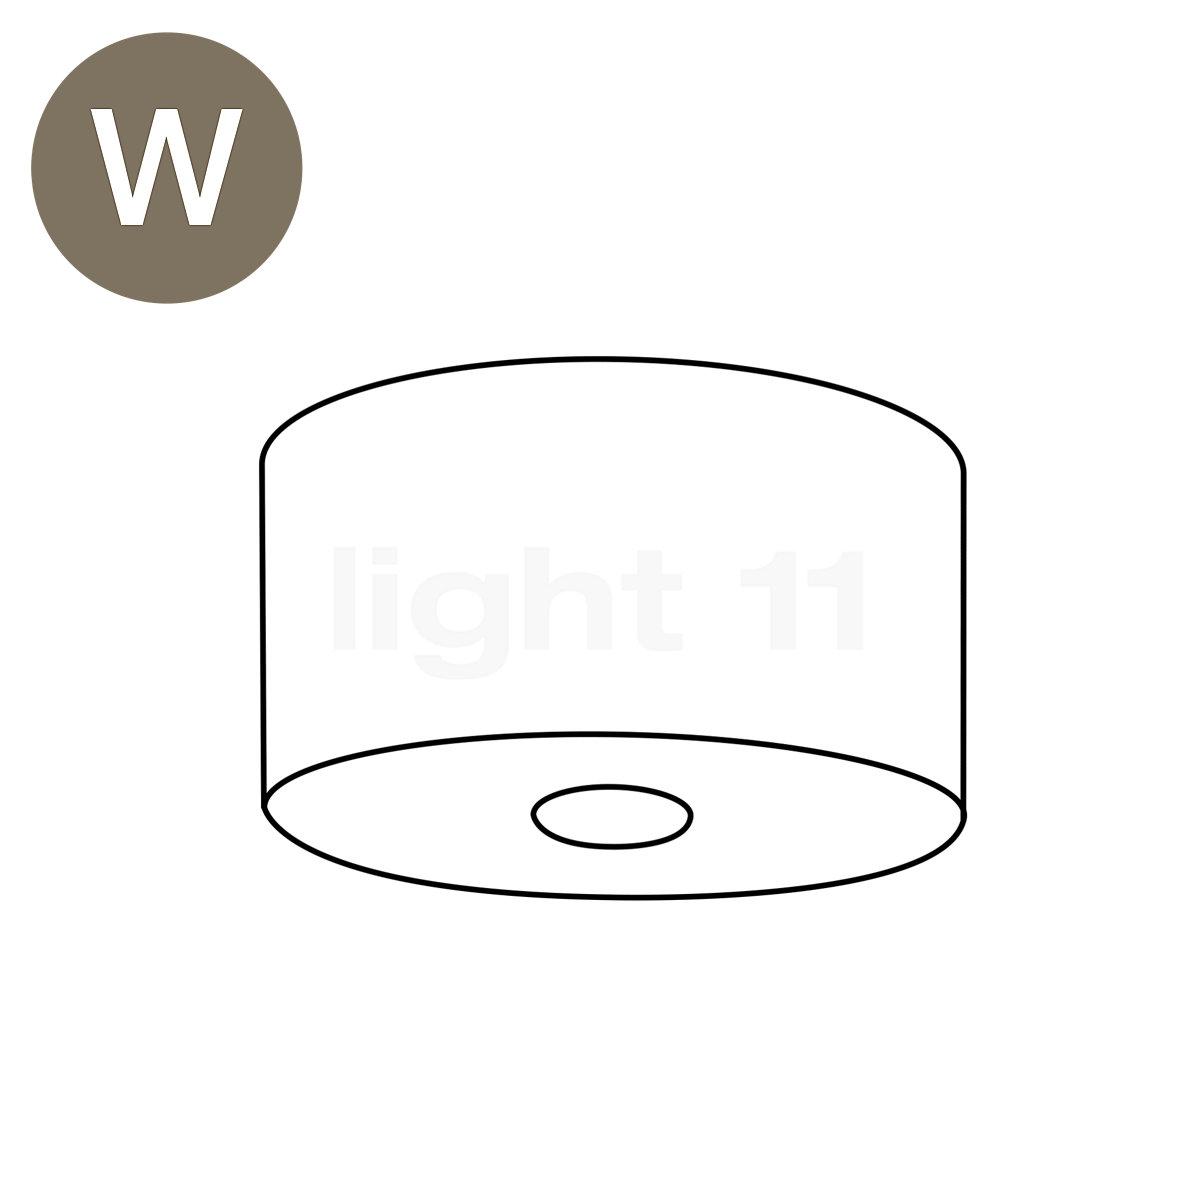 Luceplan Reserveonderdelen Voor Costanza Sospensione Met Telescoopstang